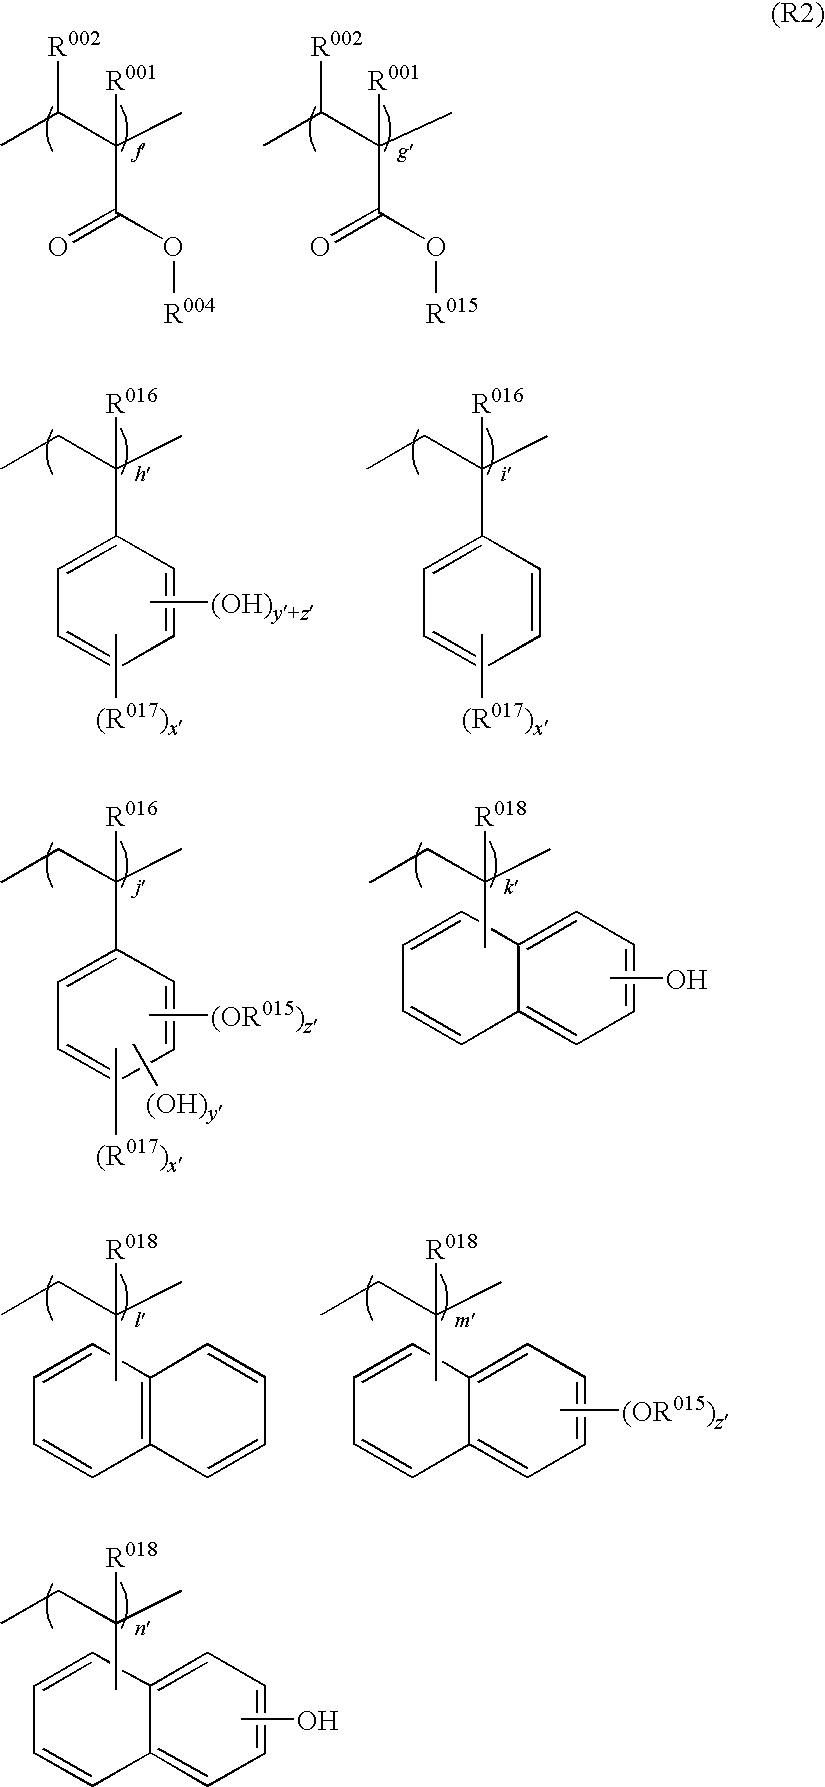 Figure US20090280434A1-20091112-C00031